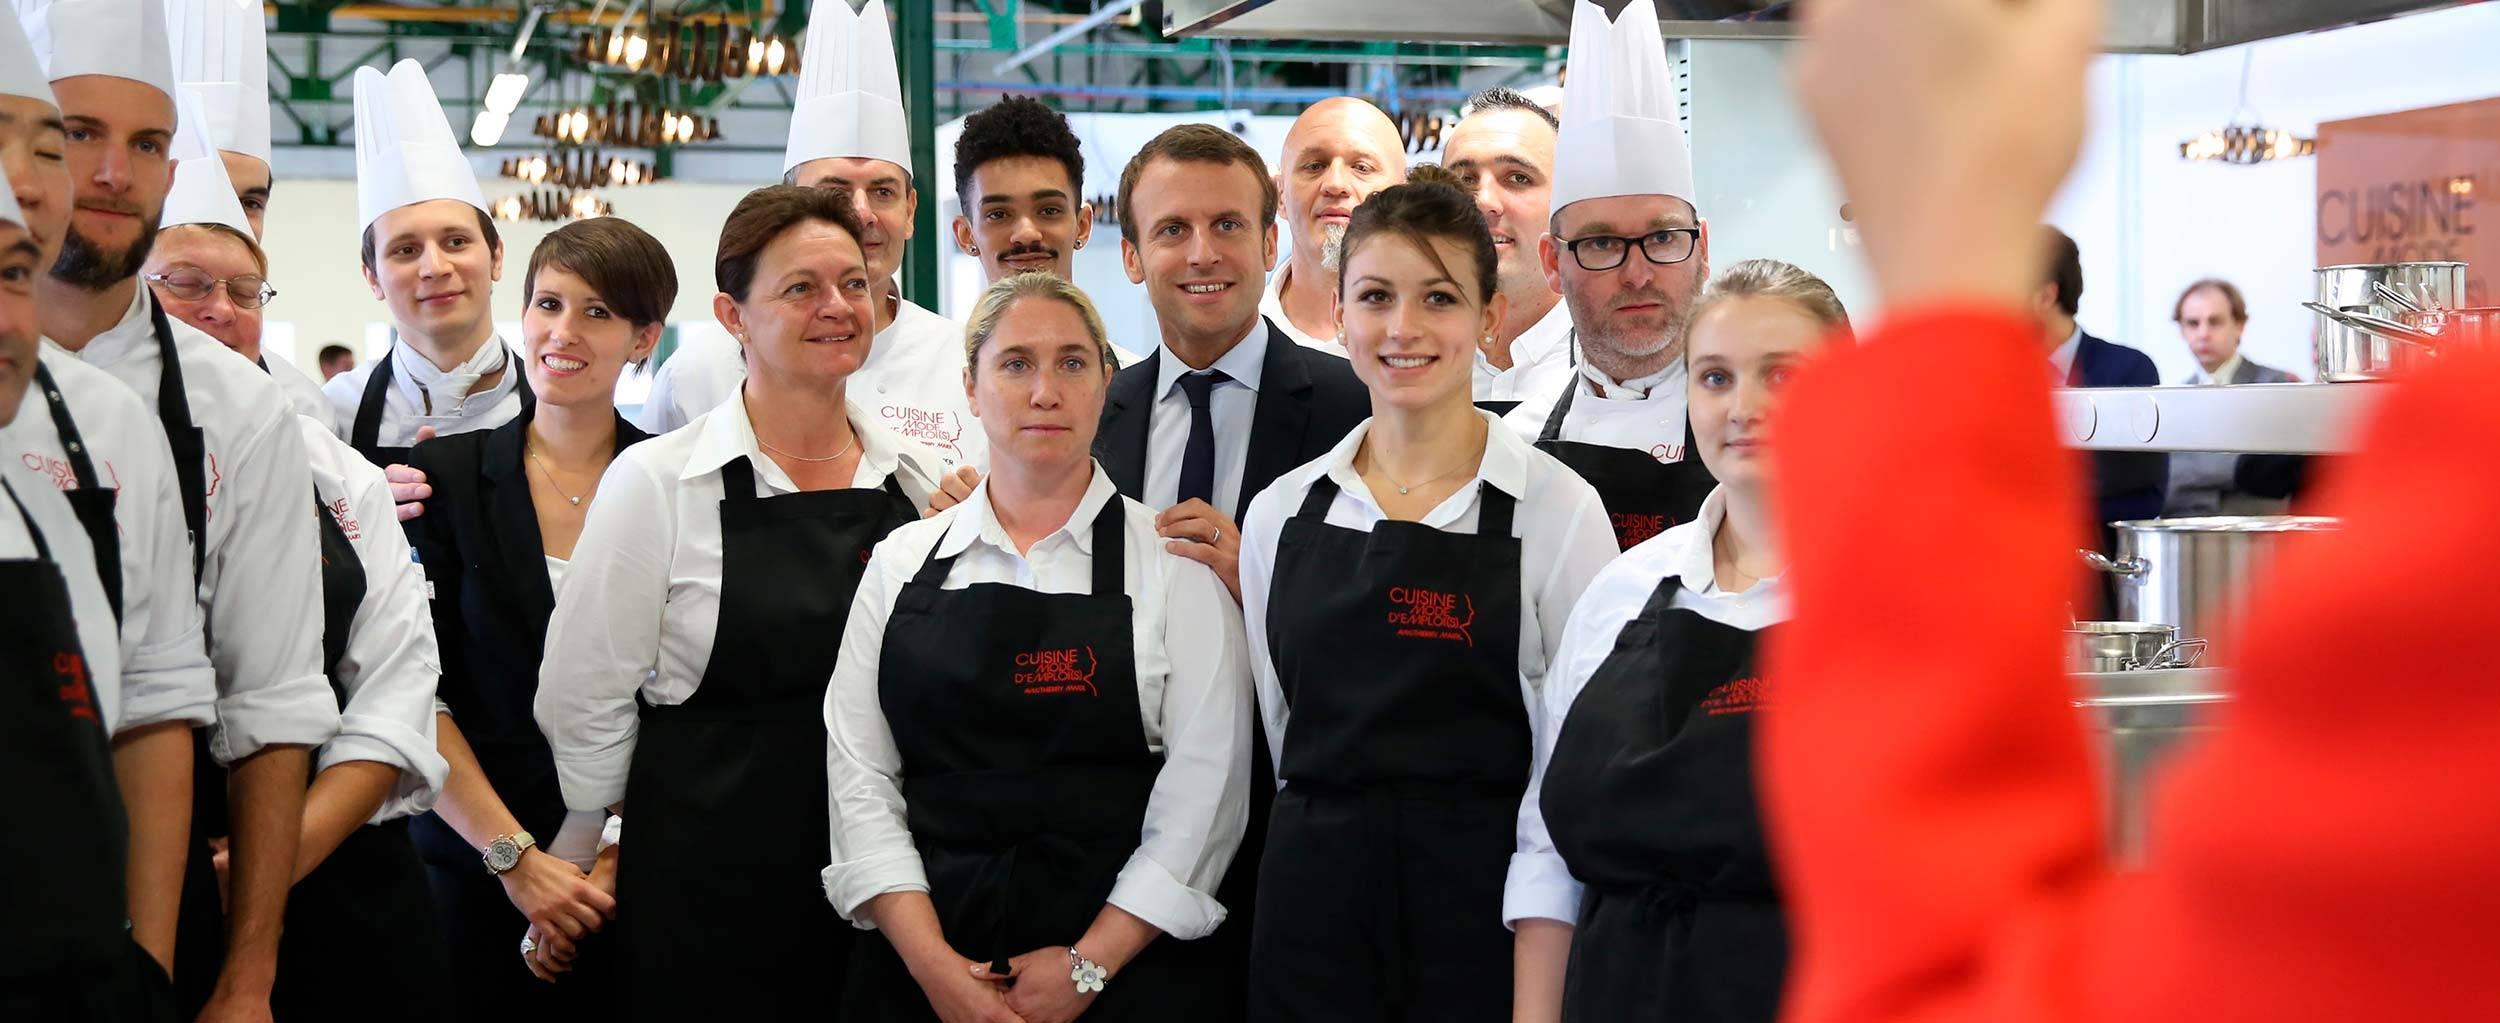 Le Programme D Emmanuel Macron Pour Les Entreprises La Republique